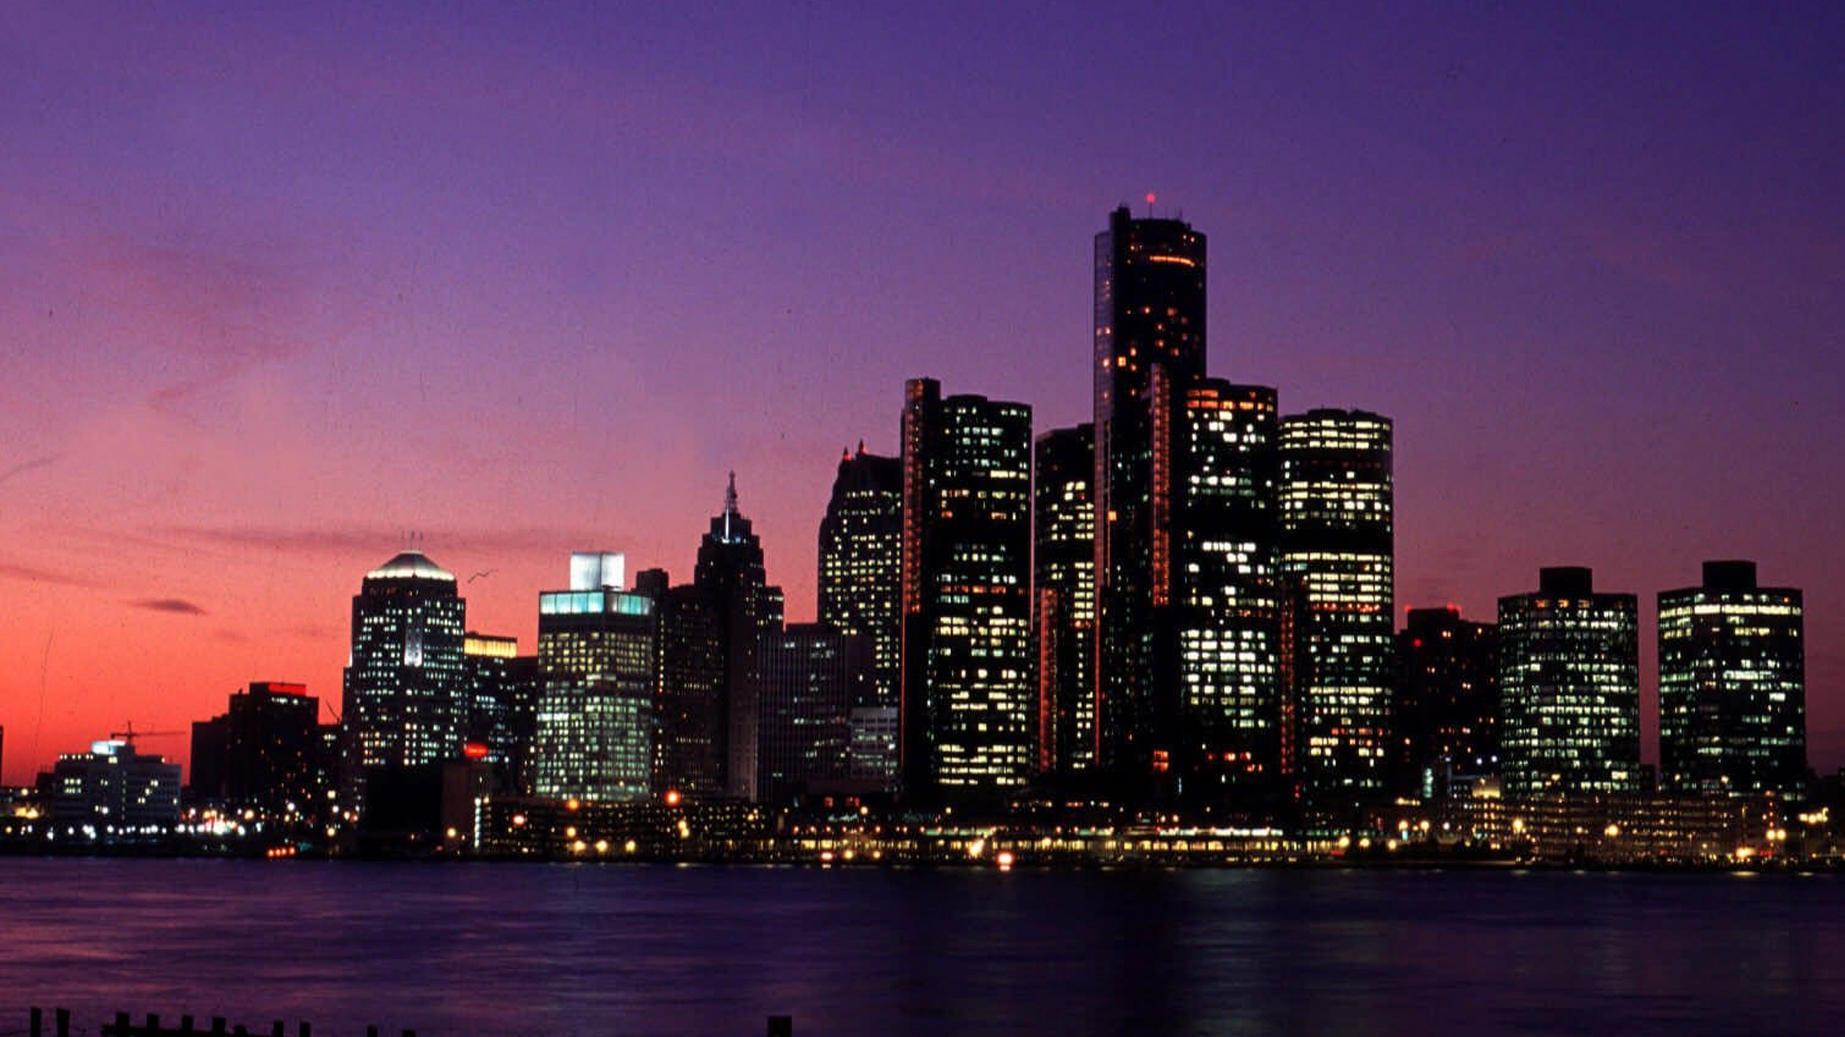 مدينة ديترويت في أمريكا